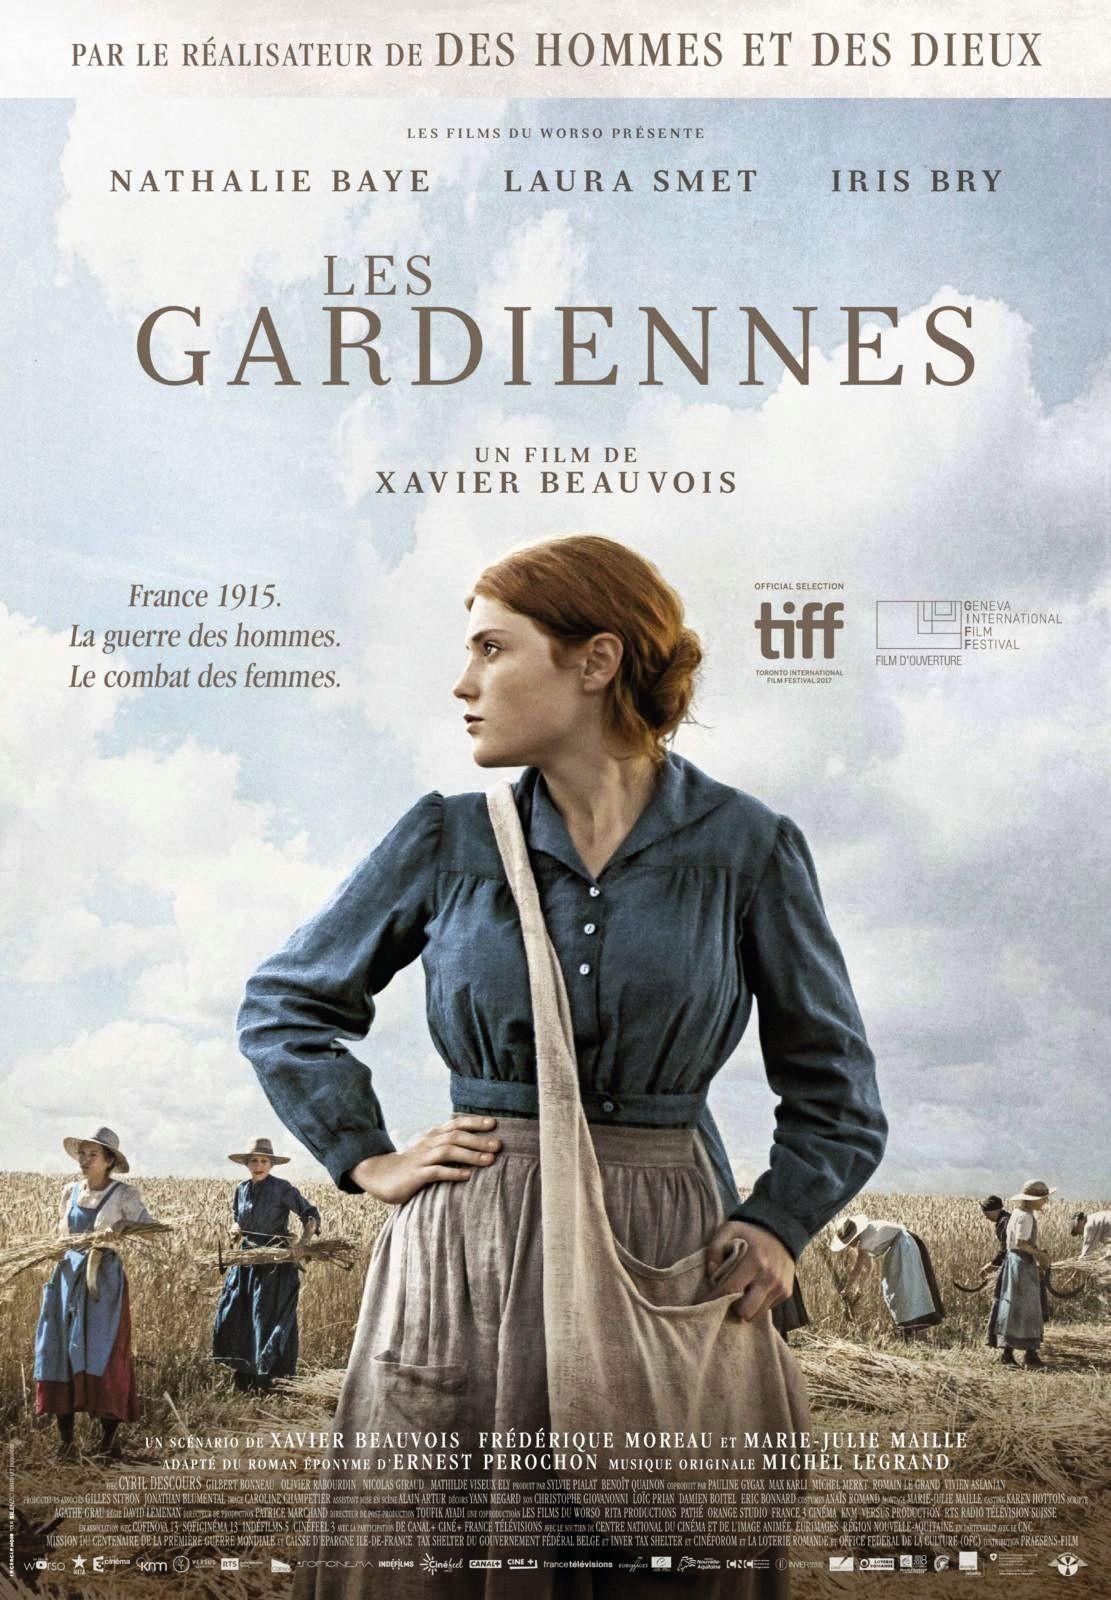 film Les gardiennes